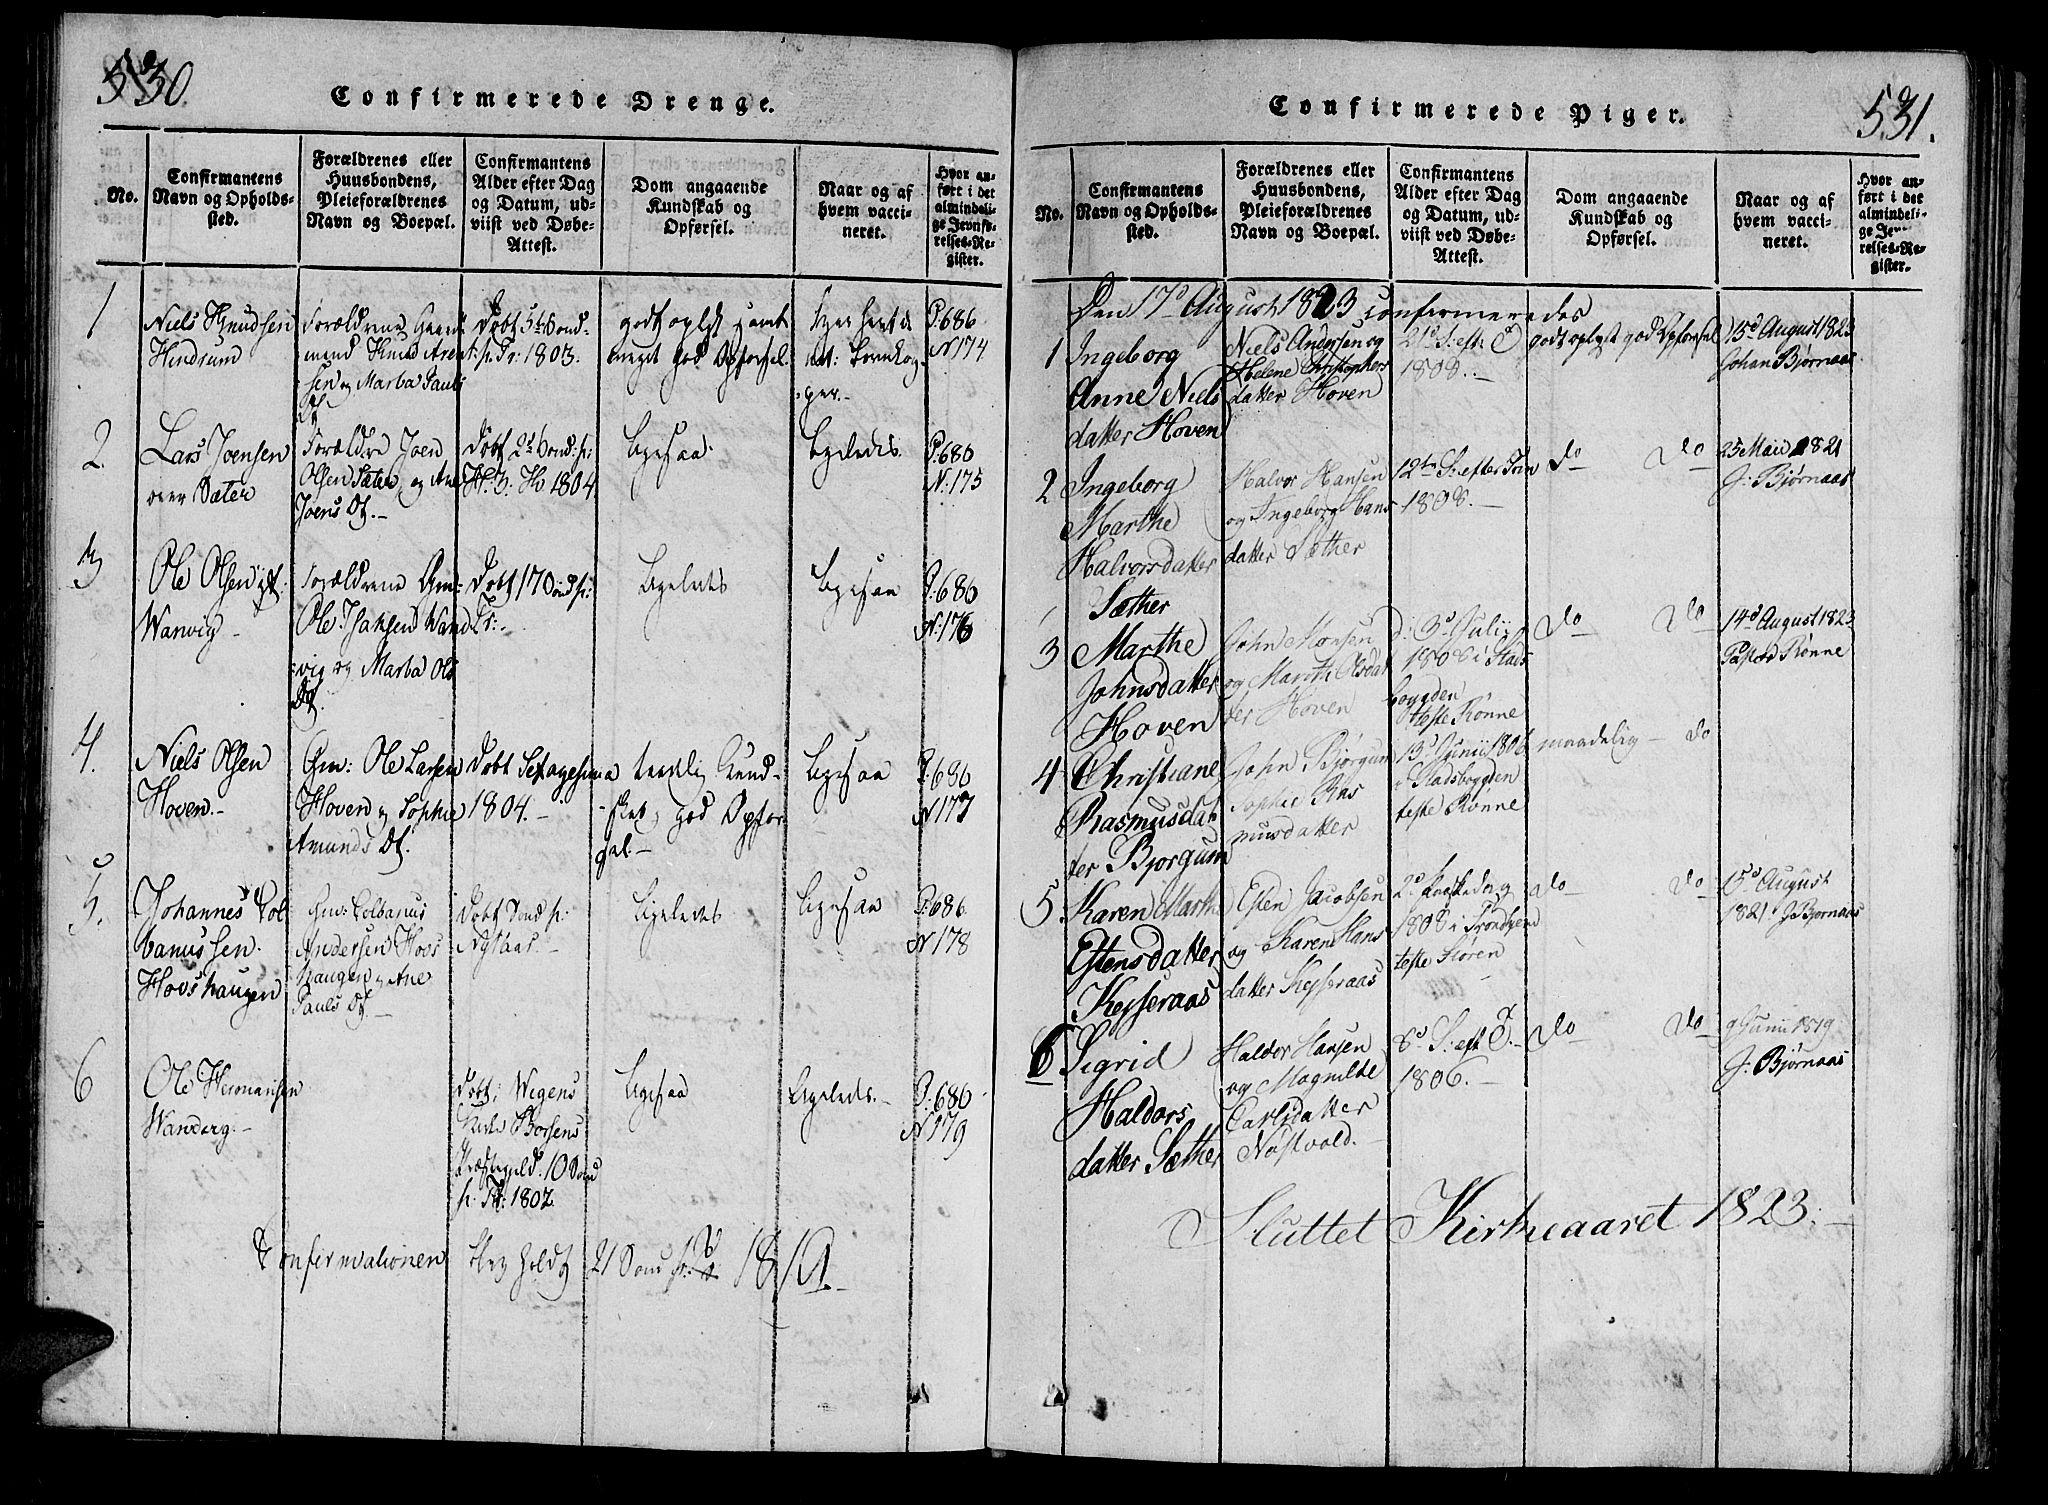 SAT, Ministerialprotokoller, klokkerbøker og fødselsregistre - Nord-Trøndelag, 701/L0005: Ministerialbok nr. 701A05 /2, 1816-1825, s. 530-531